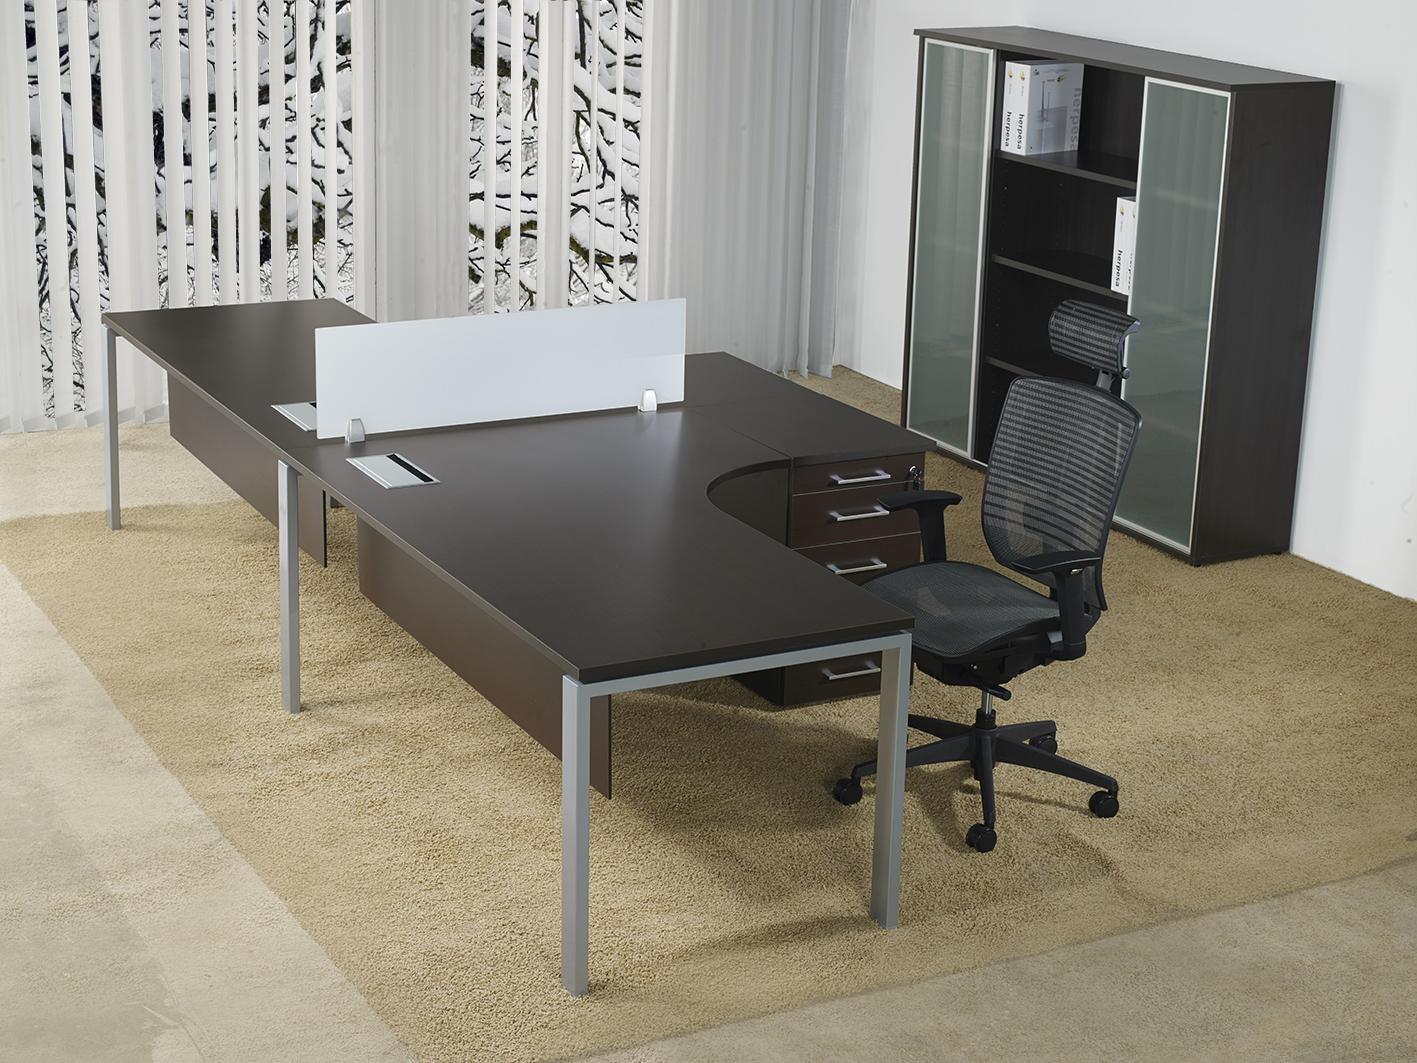 MESAS OFICINA COMPACTAS SERIE R3 - Maxbeitia - Muebles de oficina